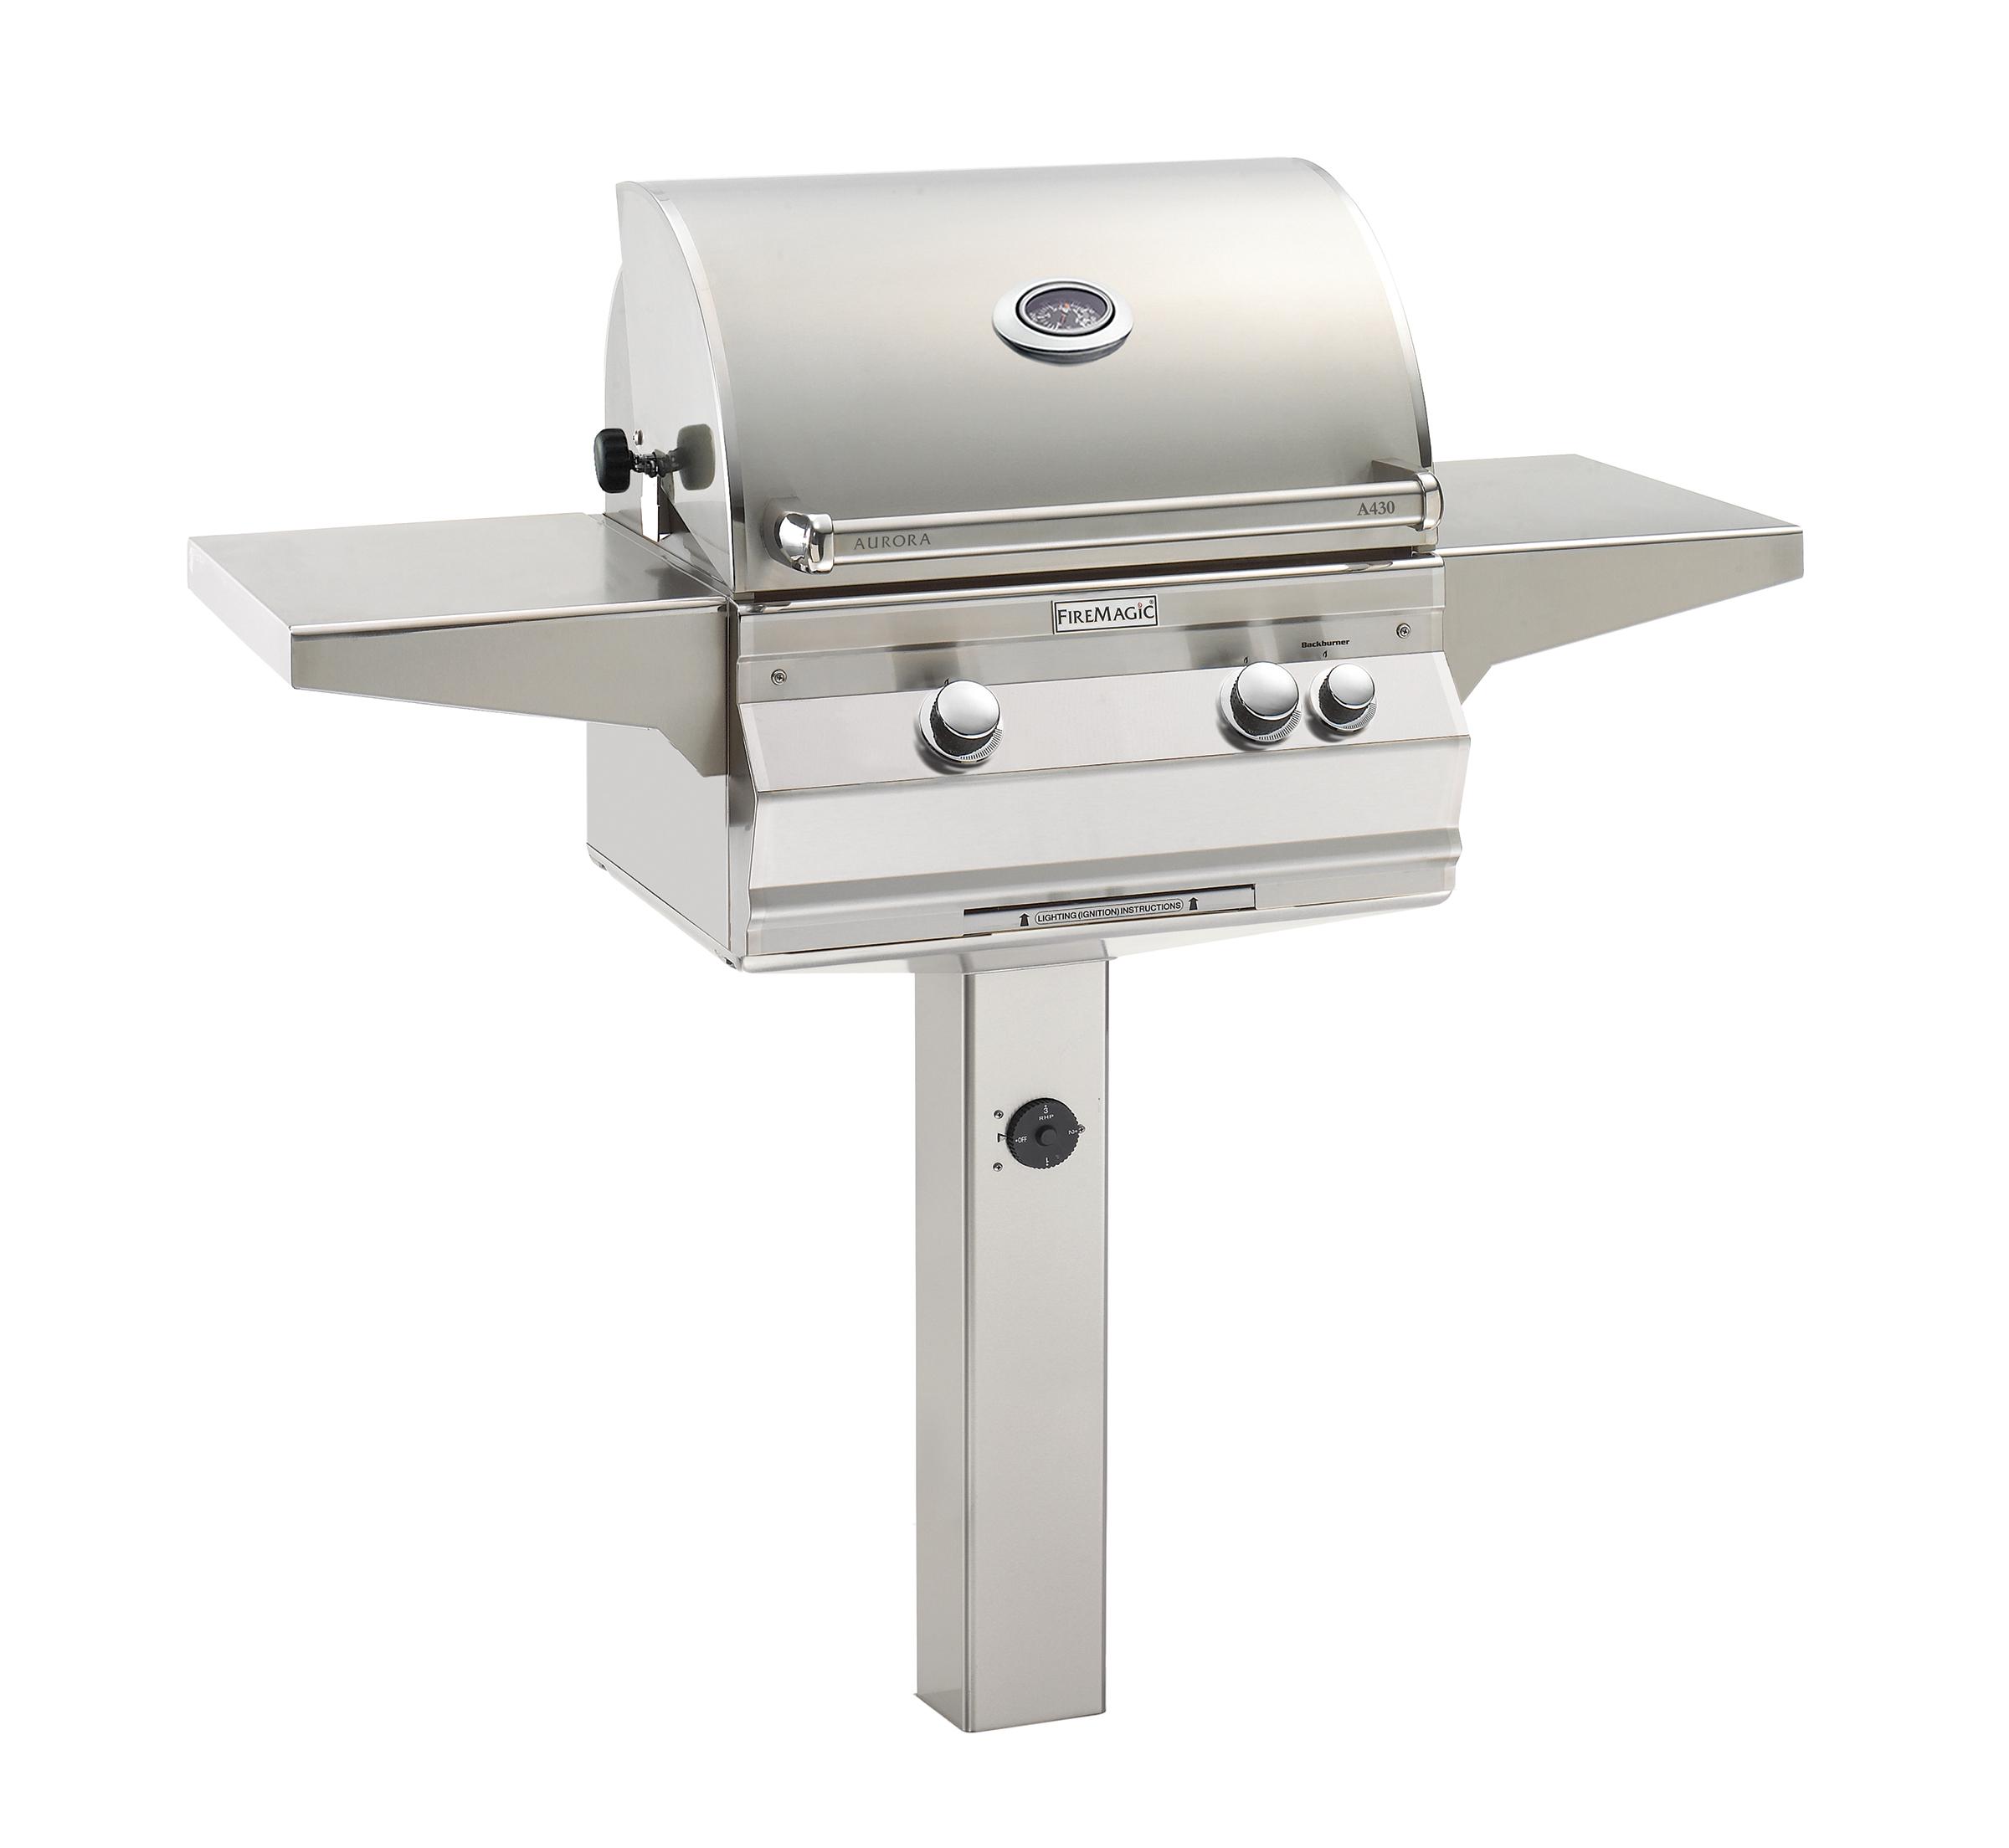 fm-a430s-g6-aurora-analog-in-ground-mount-grill.jpg